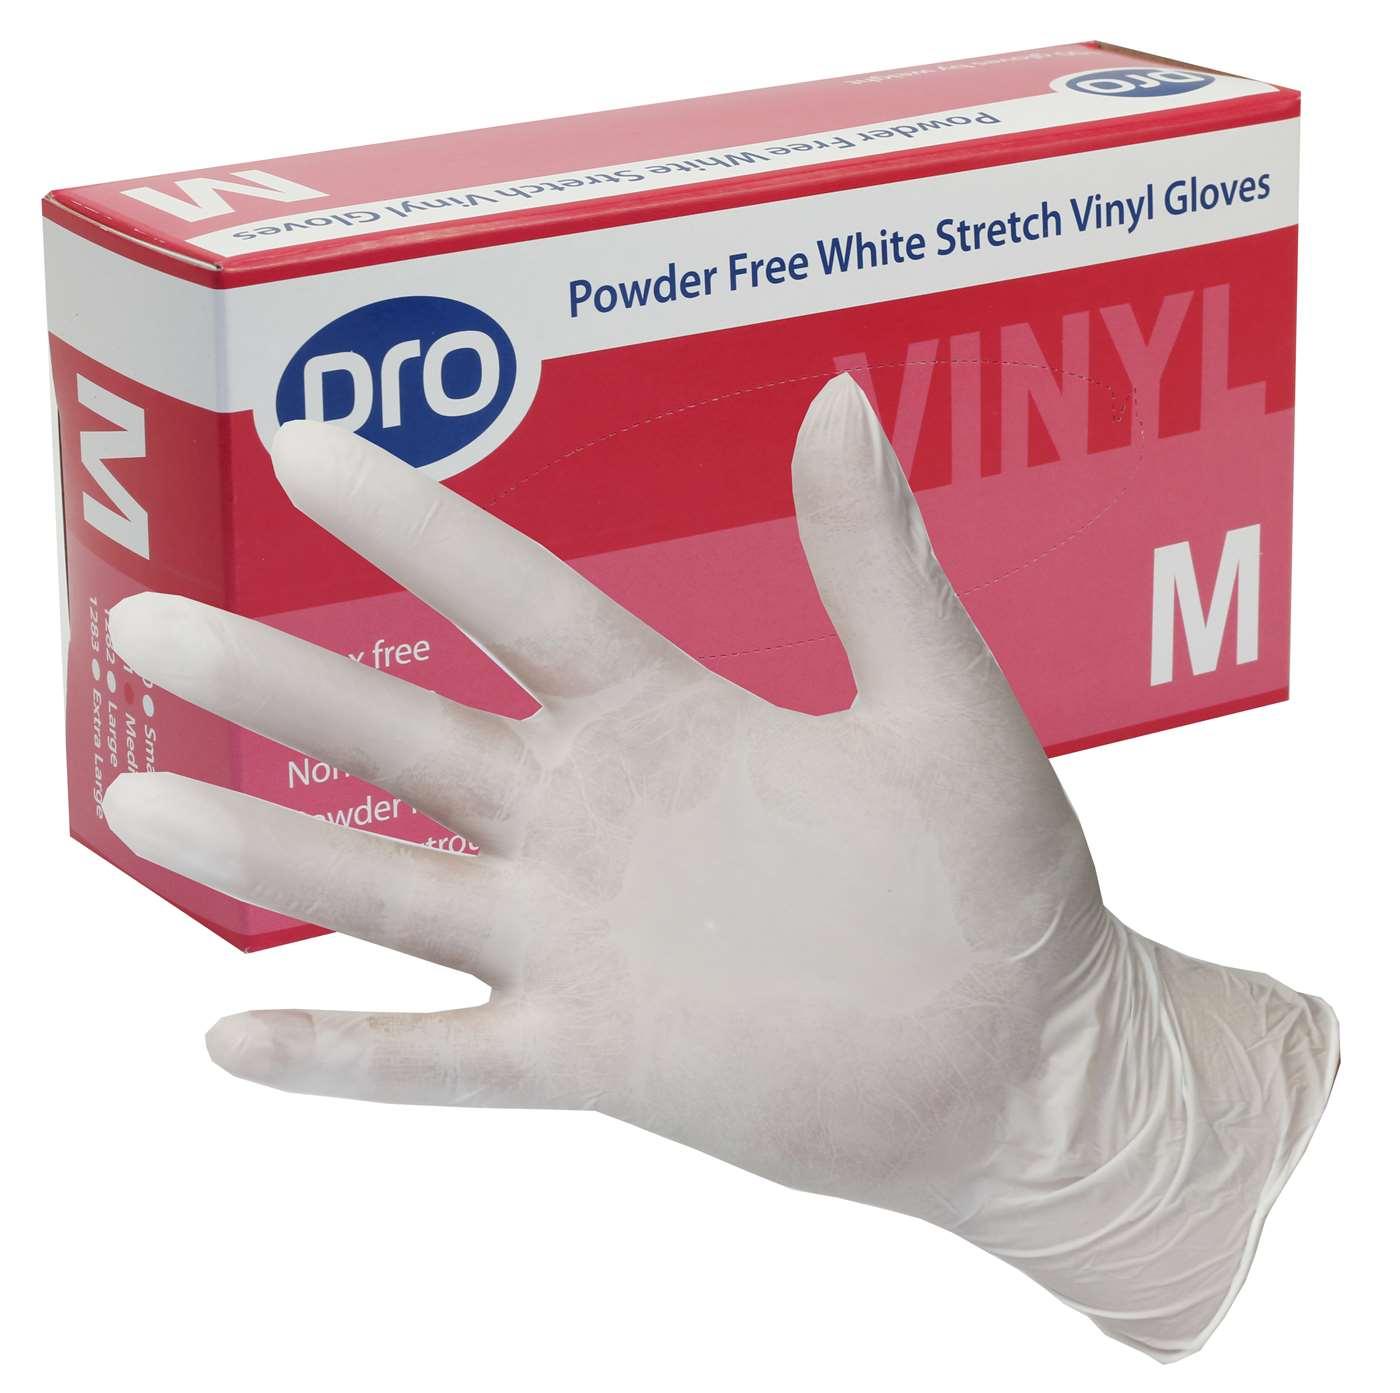 PRO Powder-Free White Stretch Vinyl Gloves